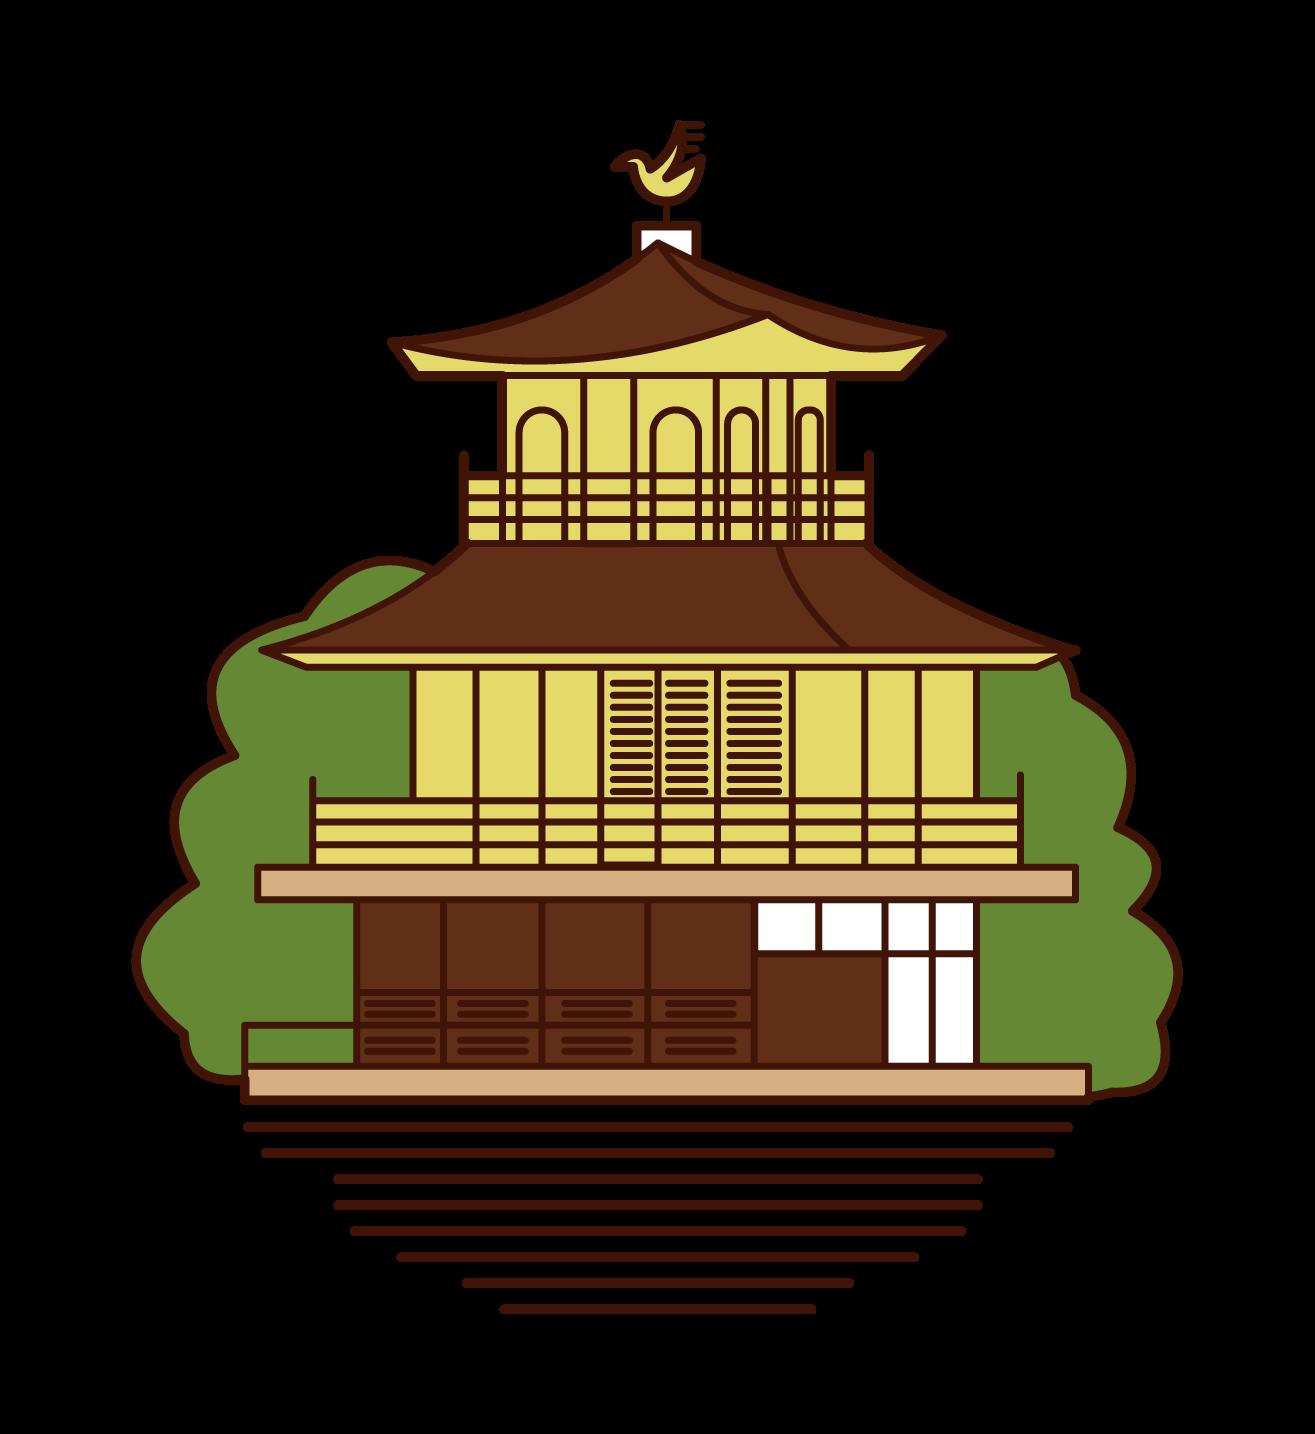 긴카쿠지 절의 일러스트